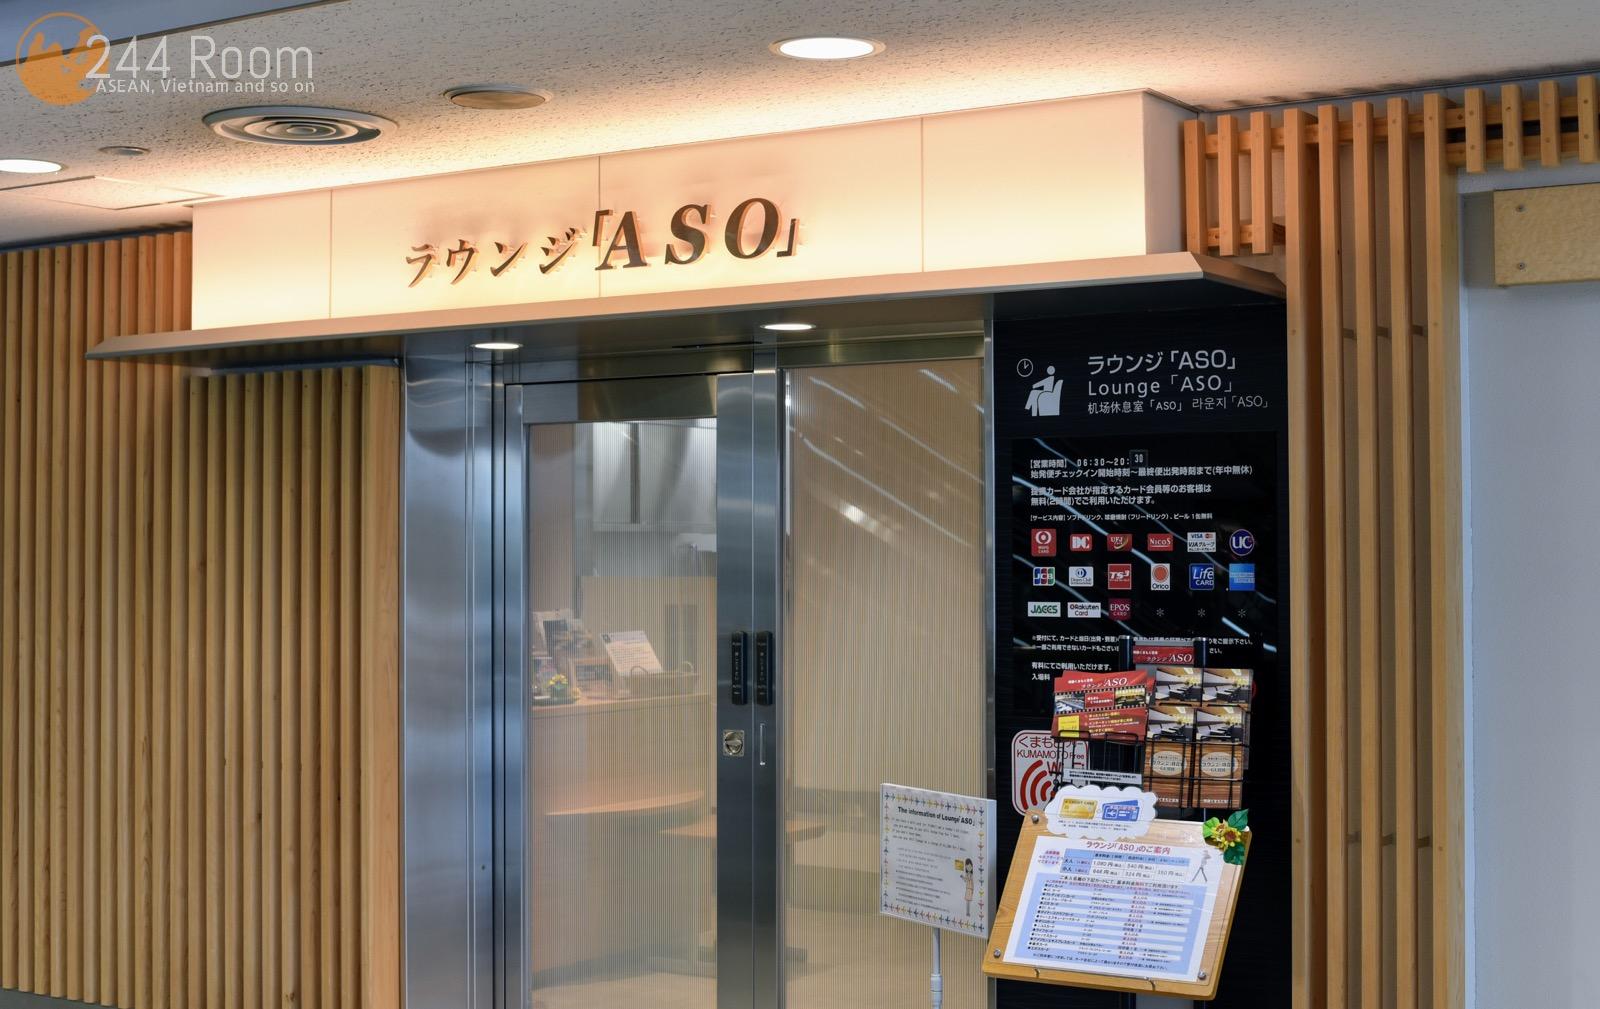 ASO Lounge 阿蘇くまもと空港 「ASO」ラウンジ